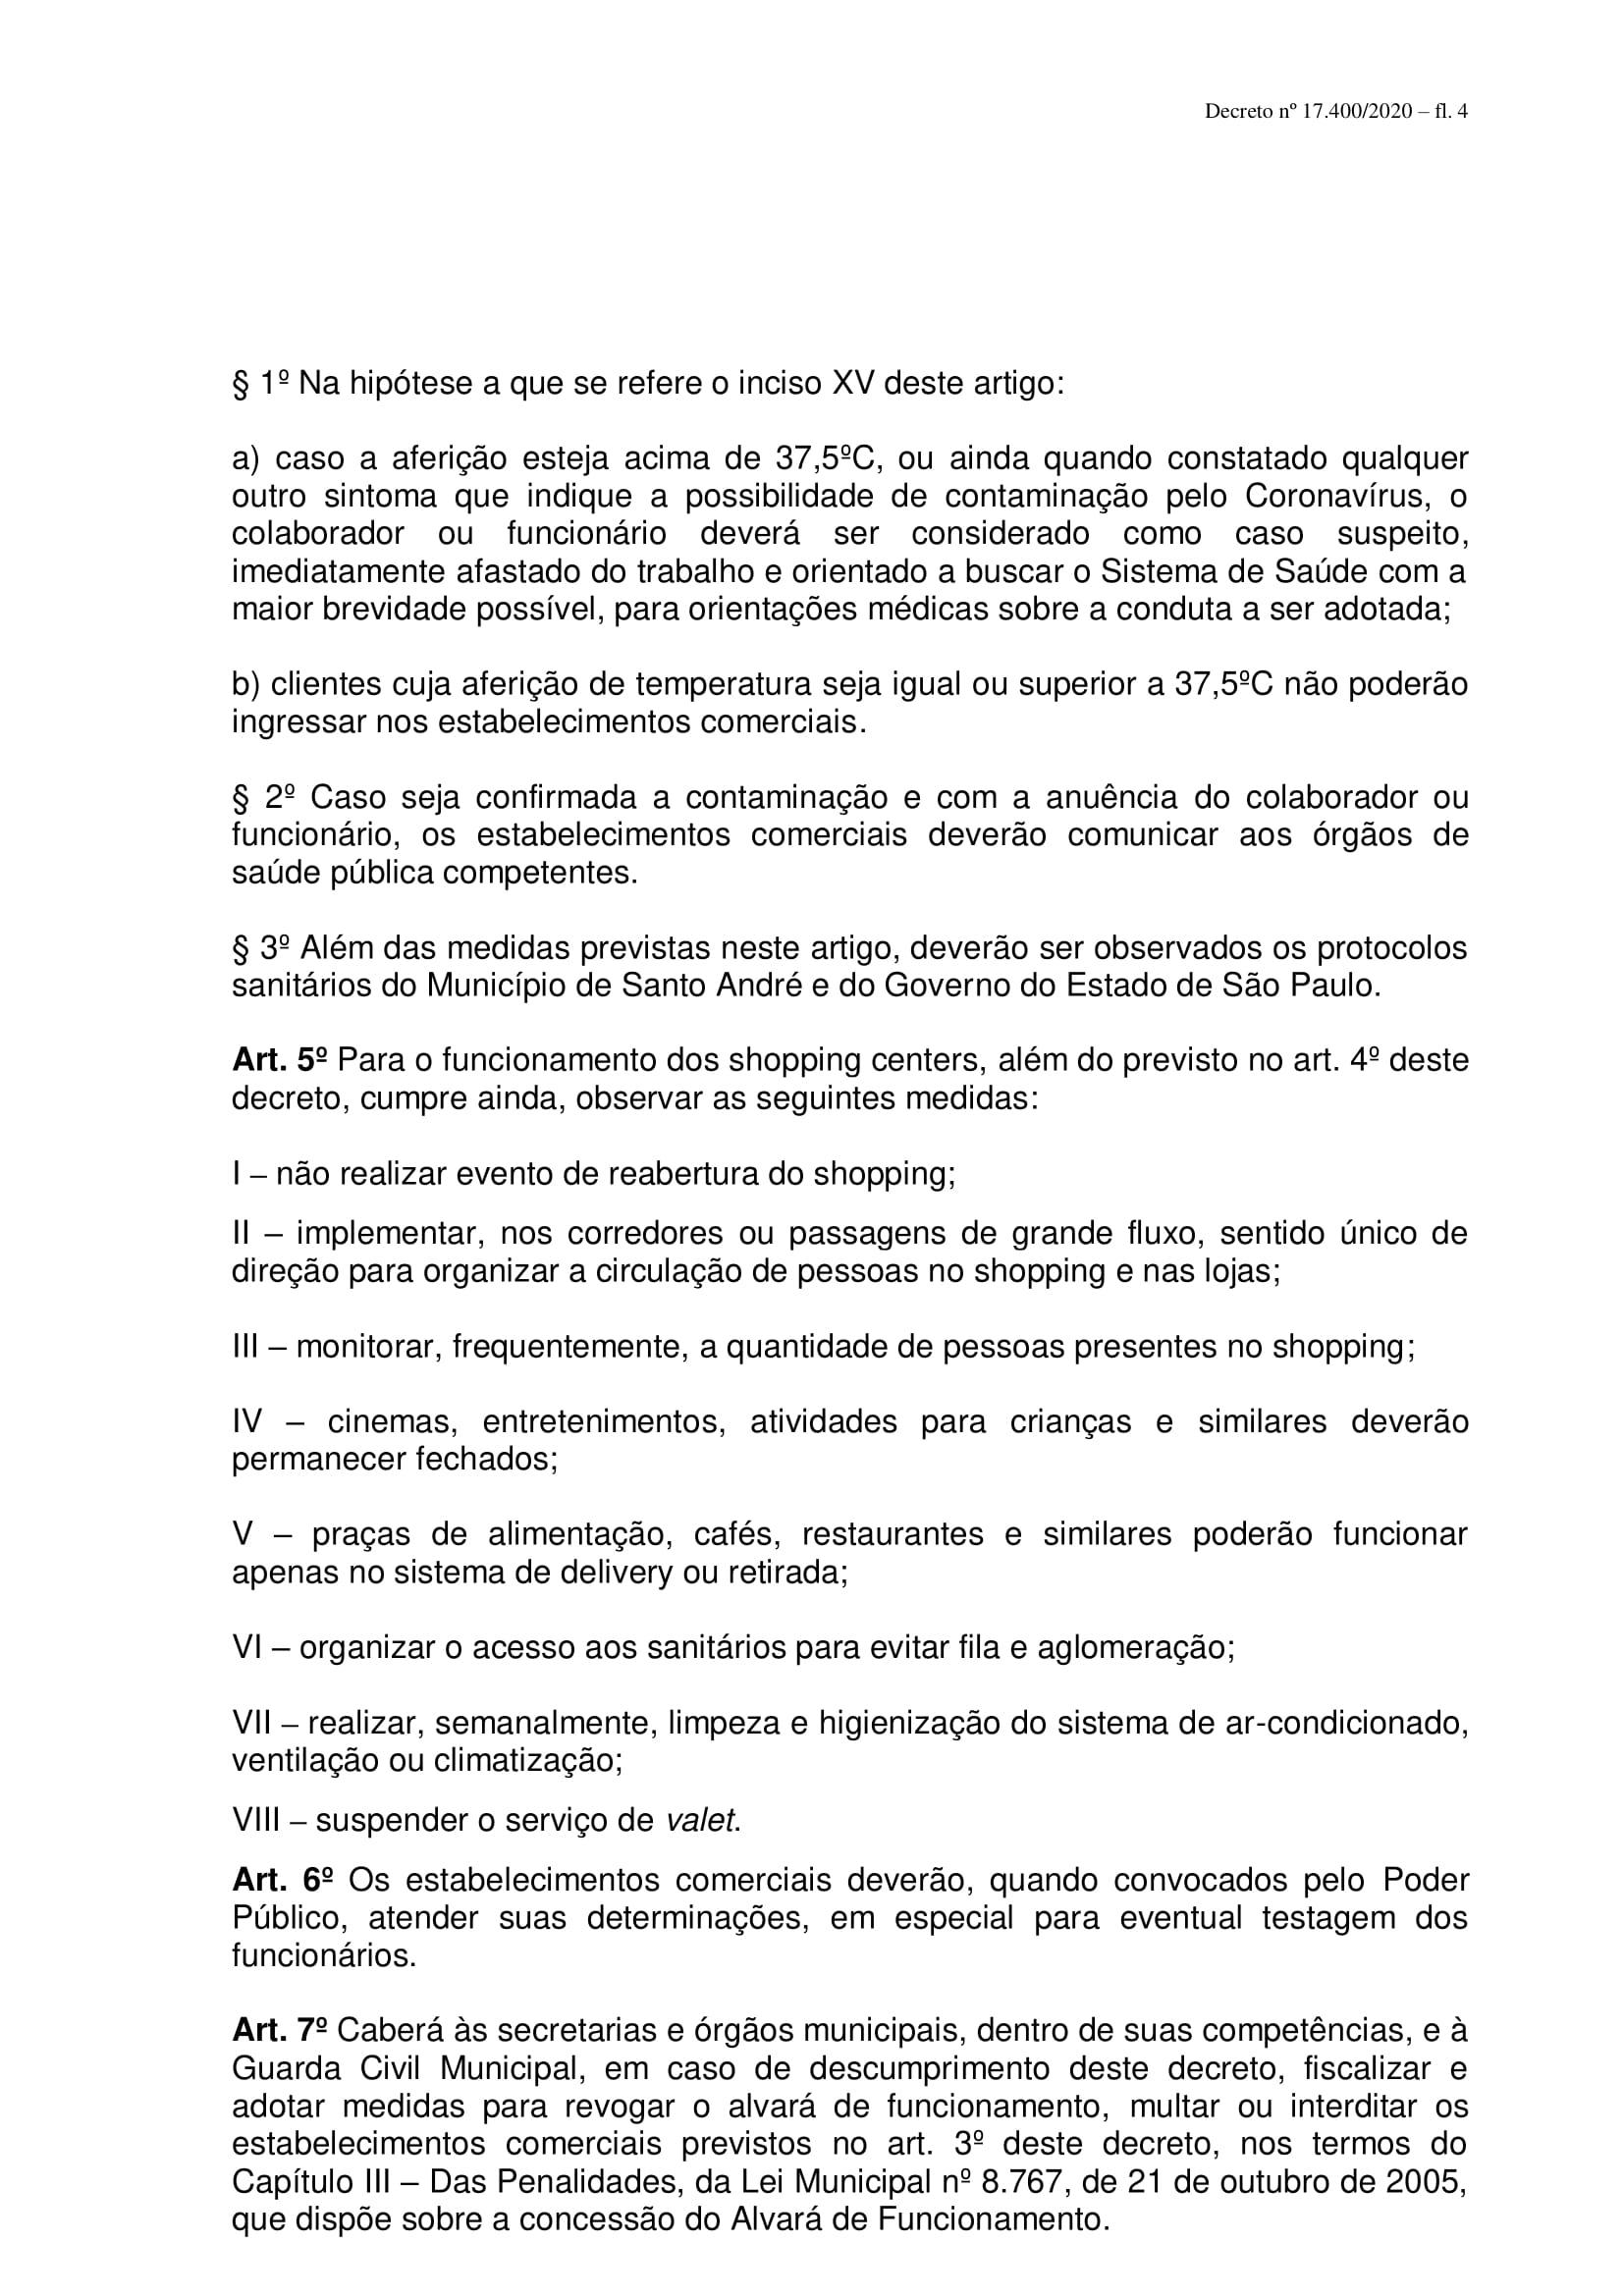 Decreto nº 17.400 (Retomada gradual e consciente da economia)-4